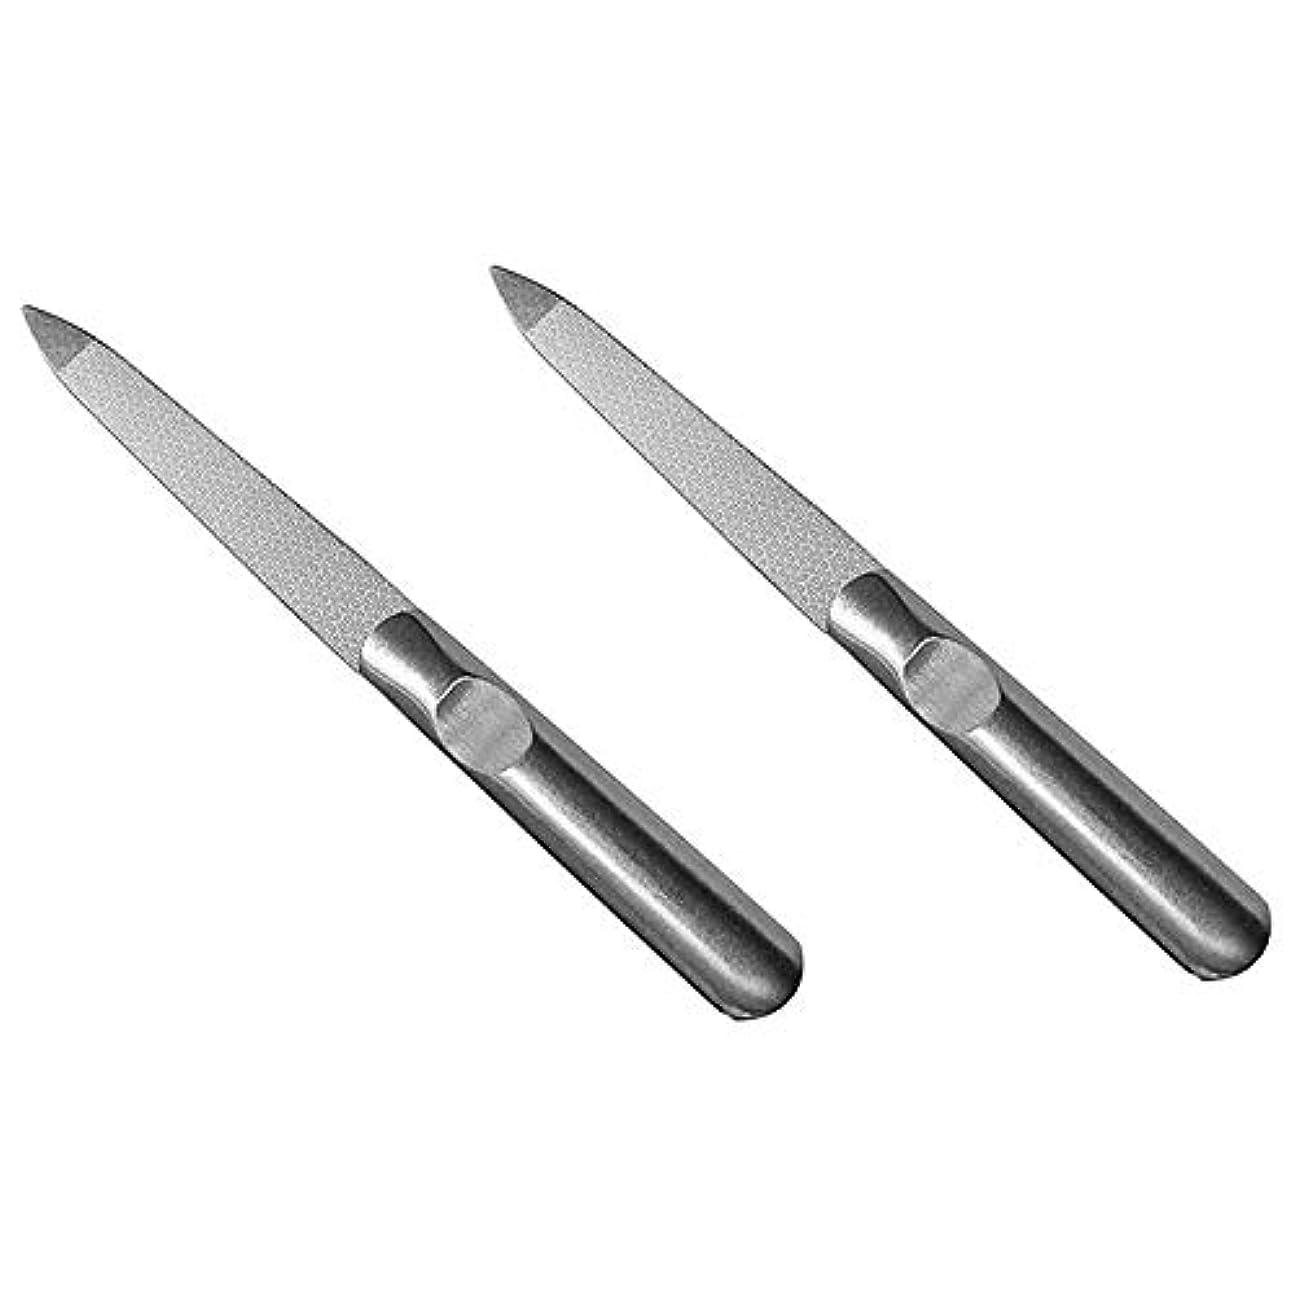 ラインヤギ餌Semoic 2個 ステンレススチール ネイルファイル 両面マット アーマー美容ツール Yangjiang爪 腐食の防止鎧